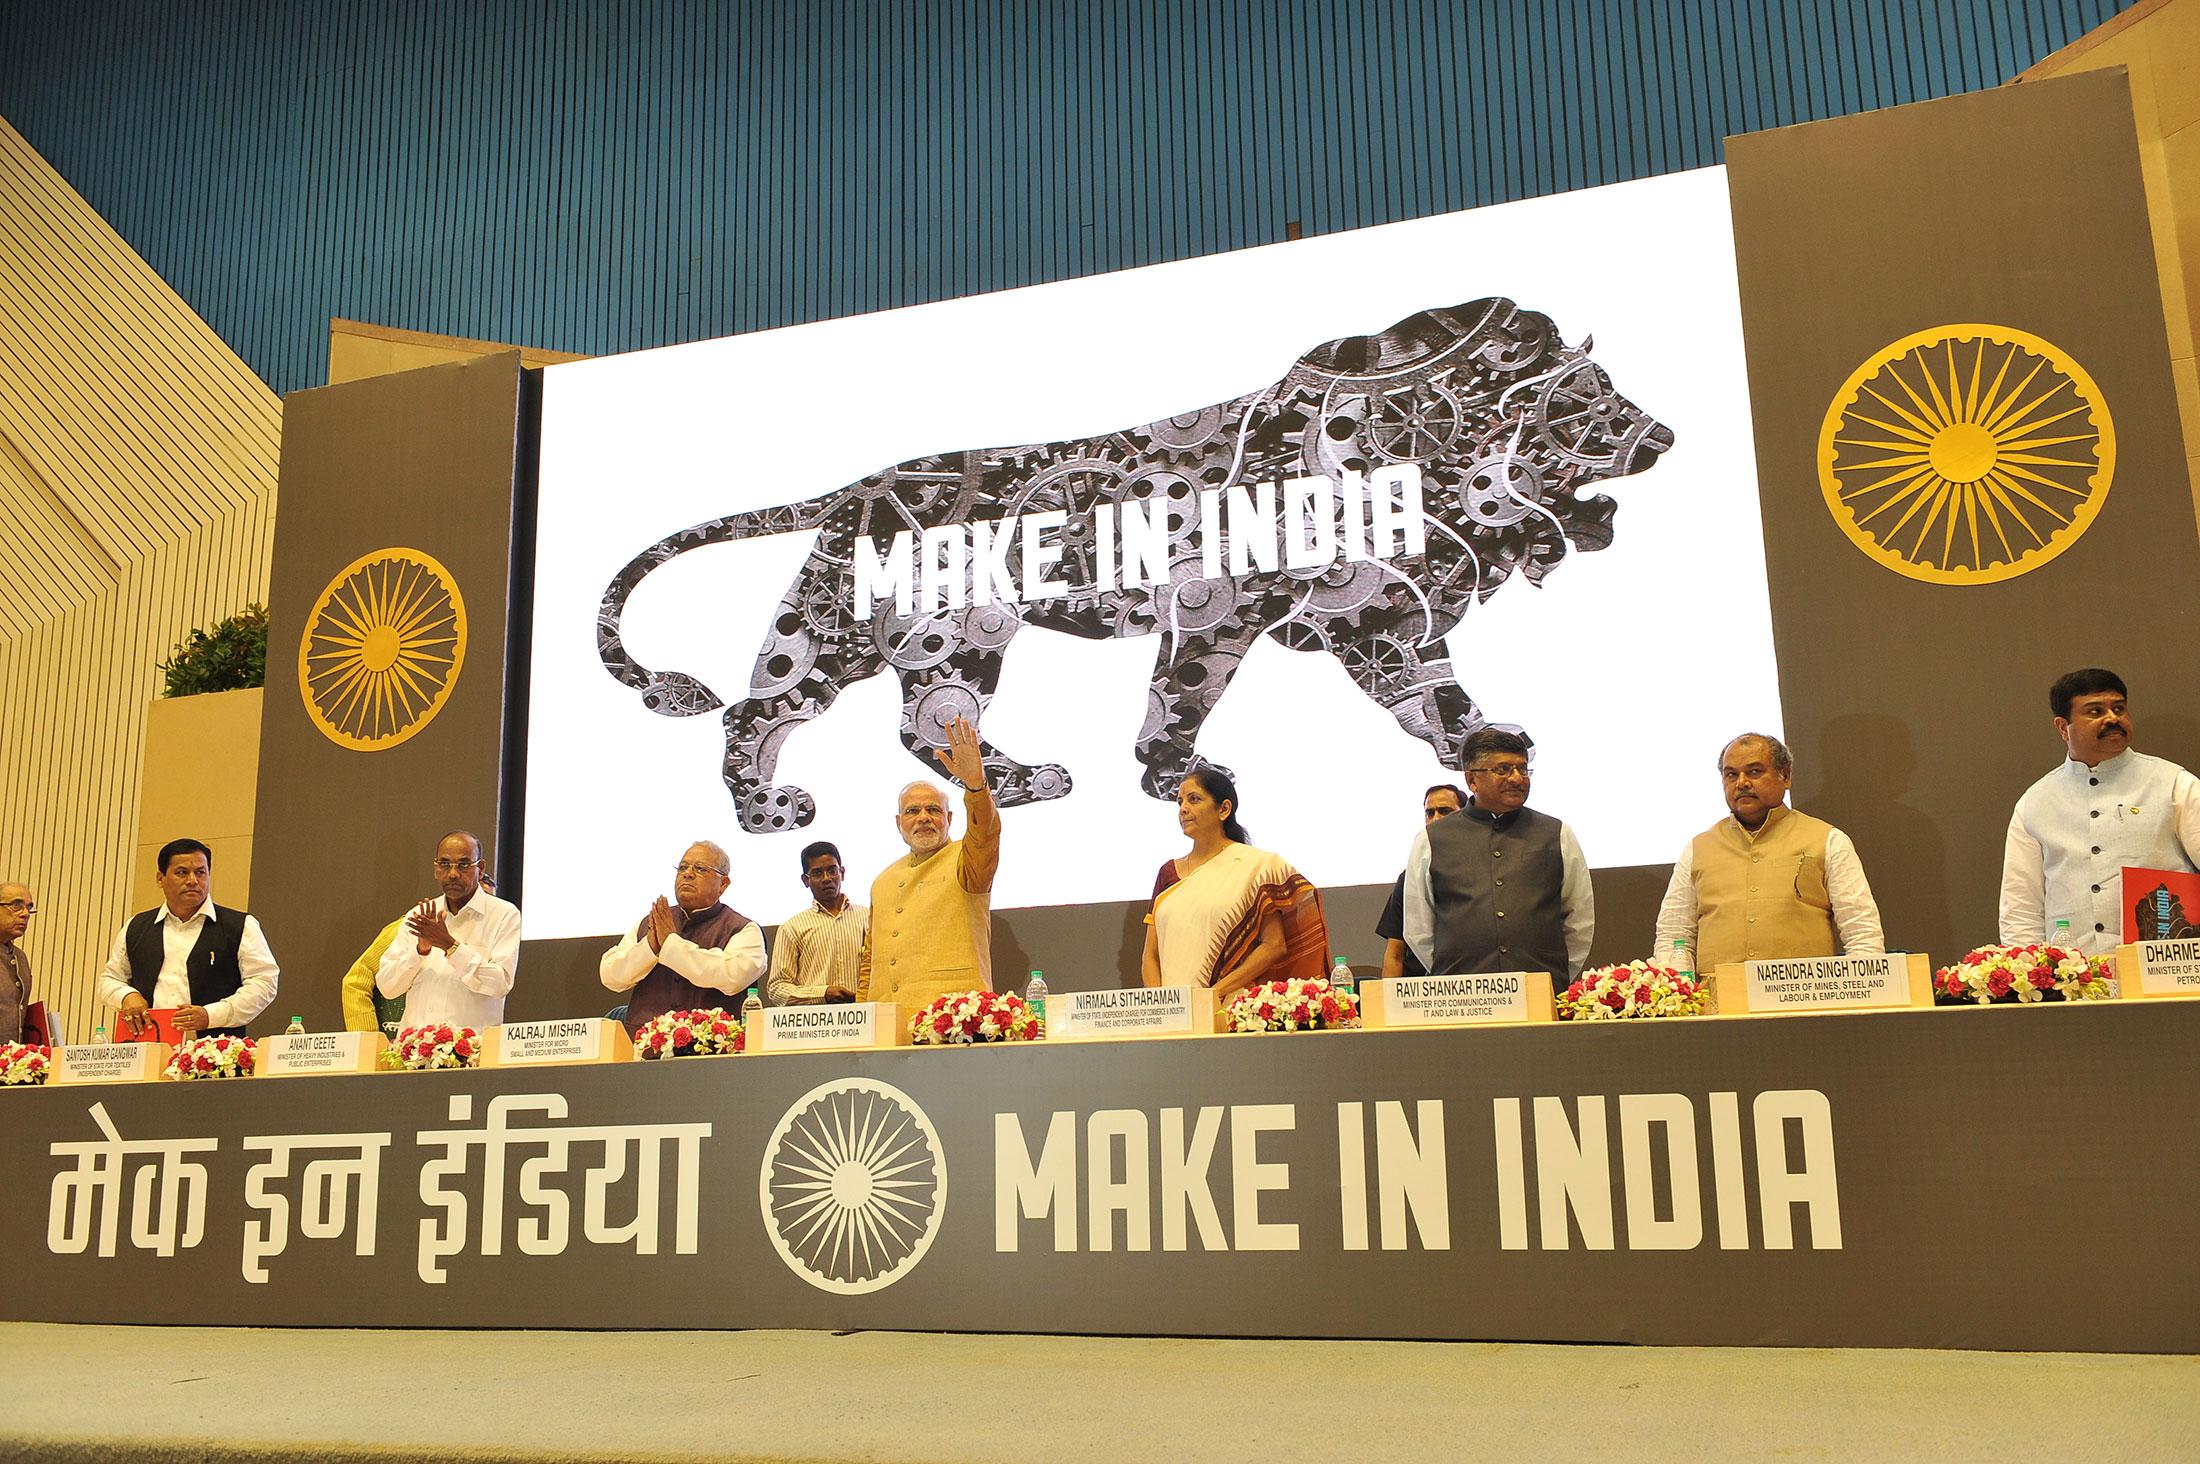 Make in India (4)